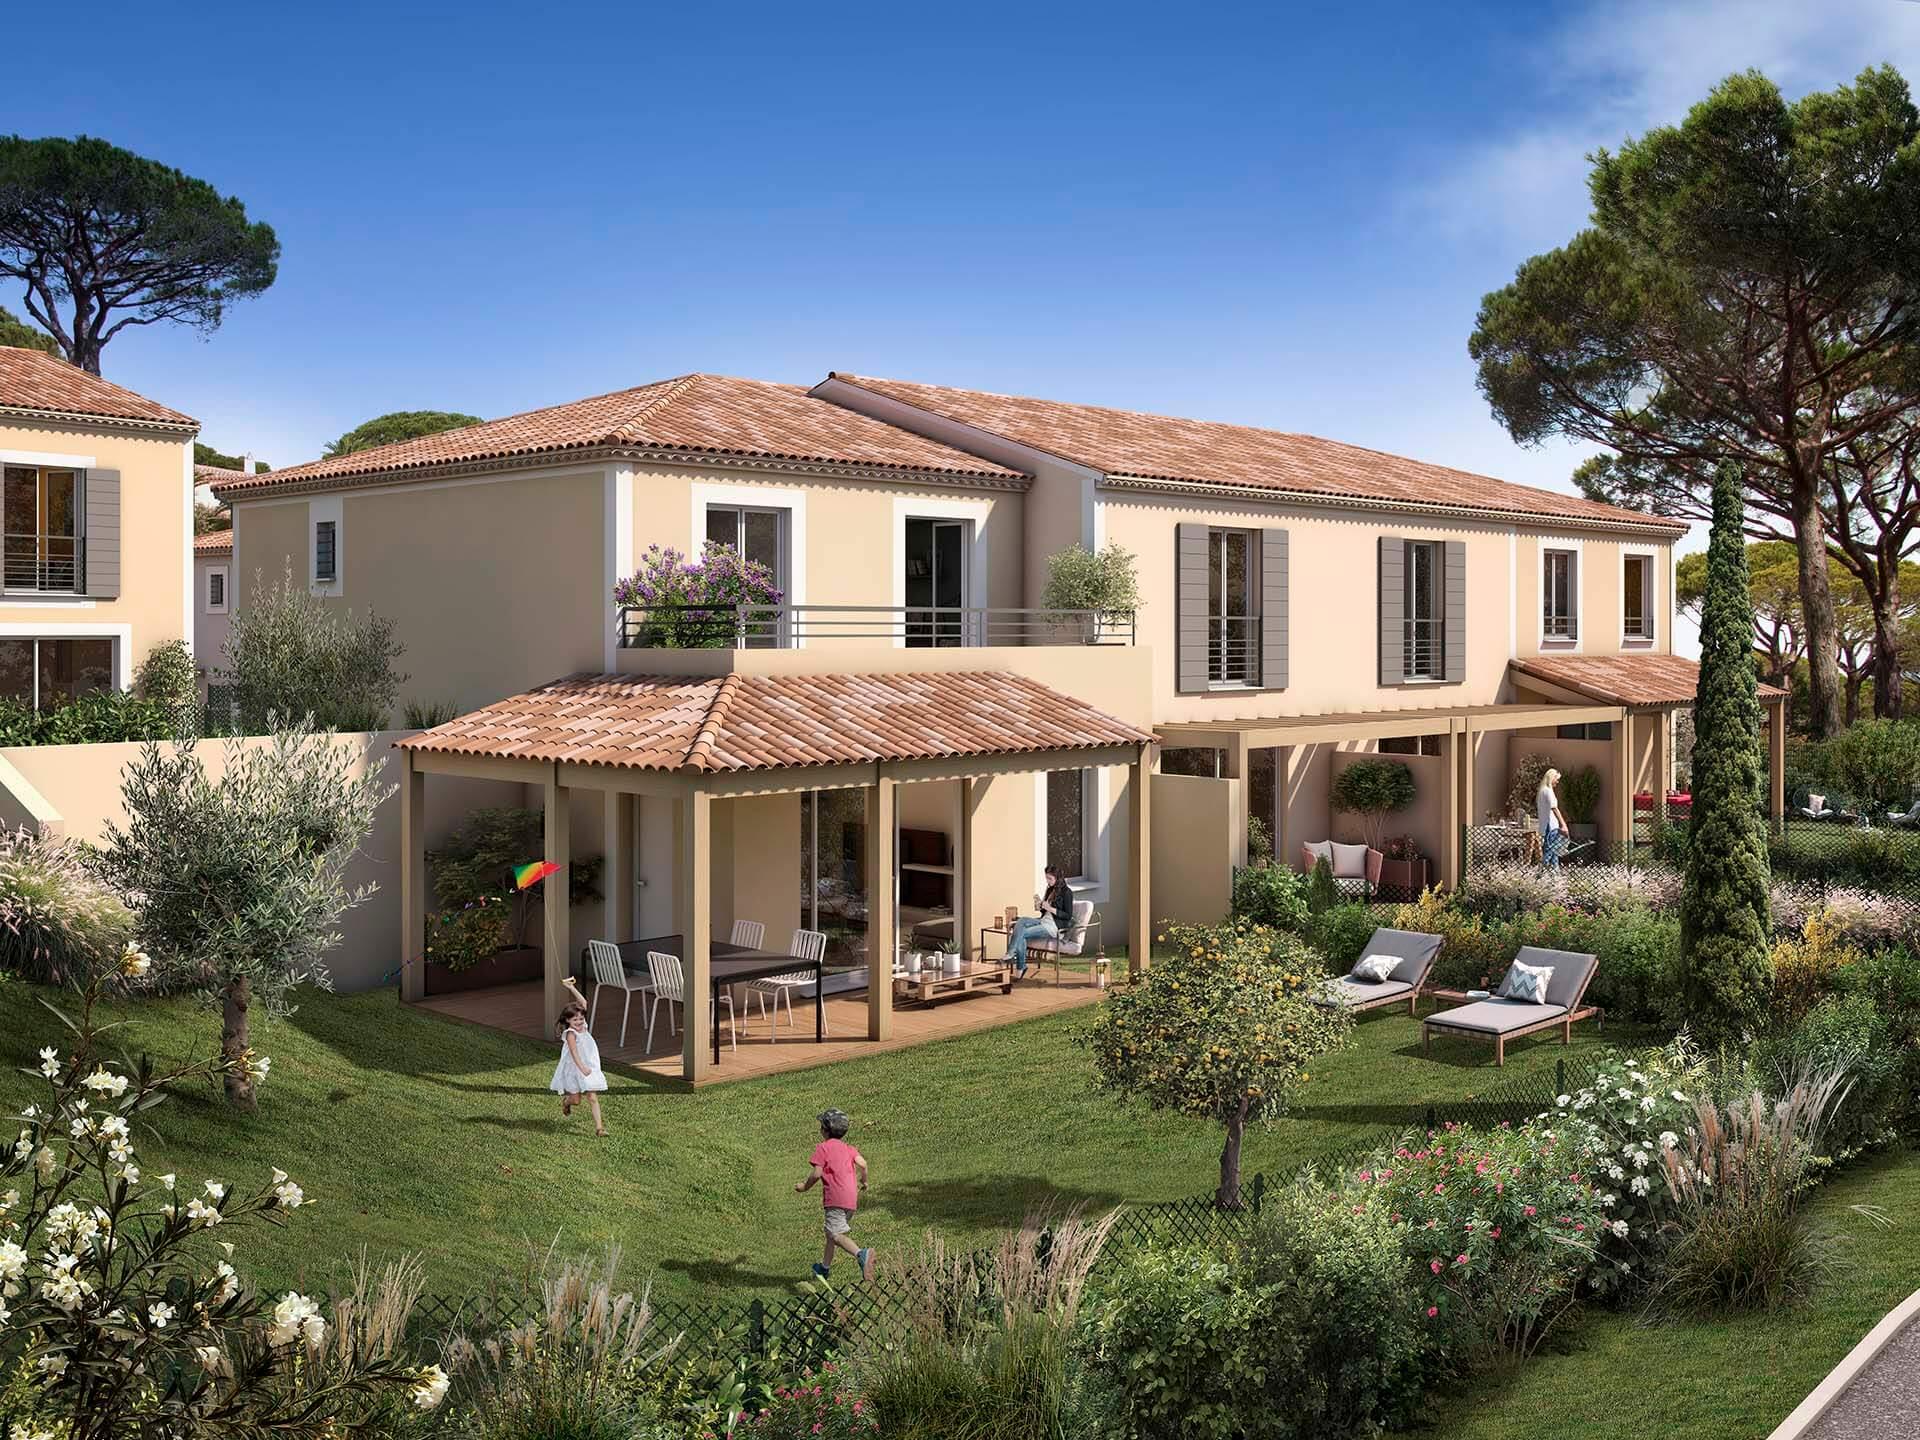 Programme immobilier BOW24 appartement à Sainte Maxime (83120) Quartier résidentiel et calme